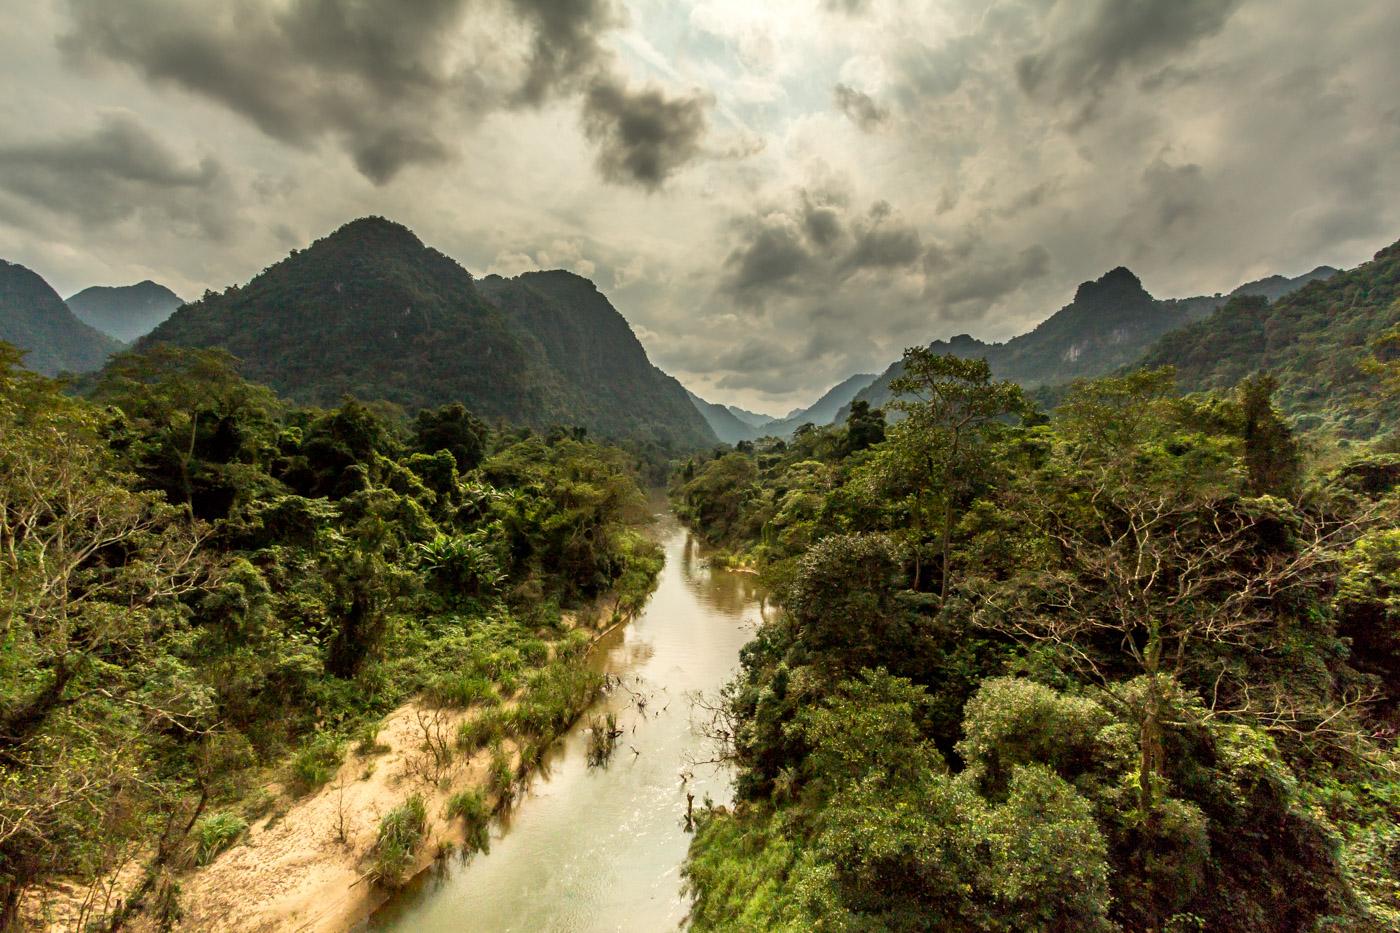 Then I headed towards Laos.